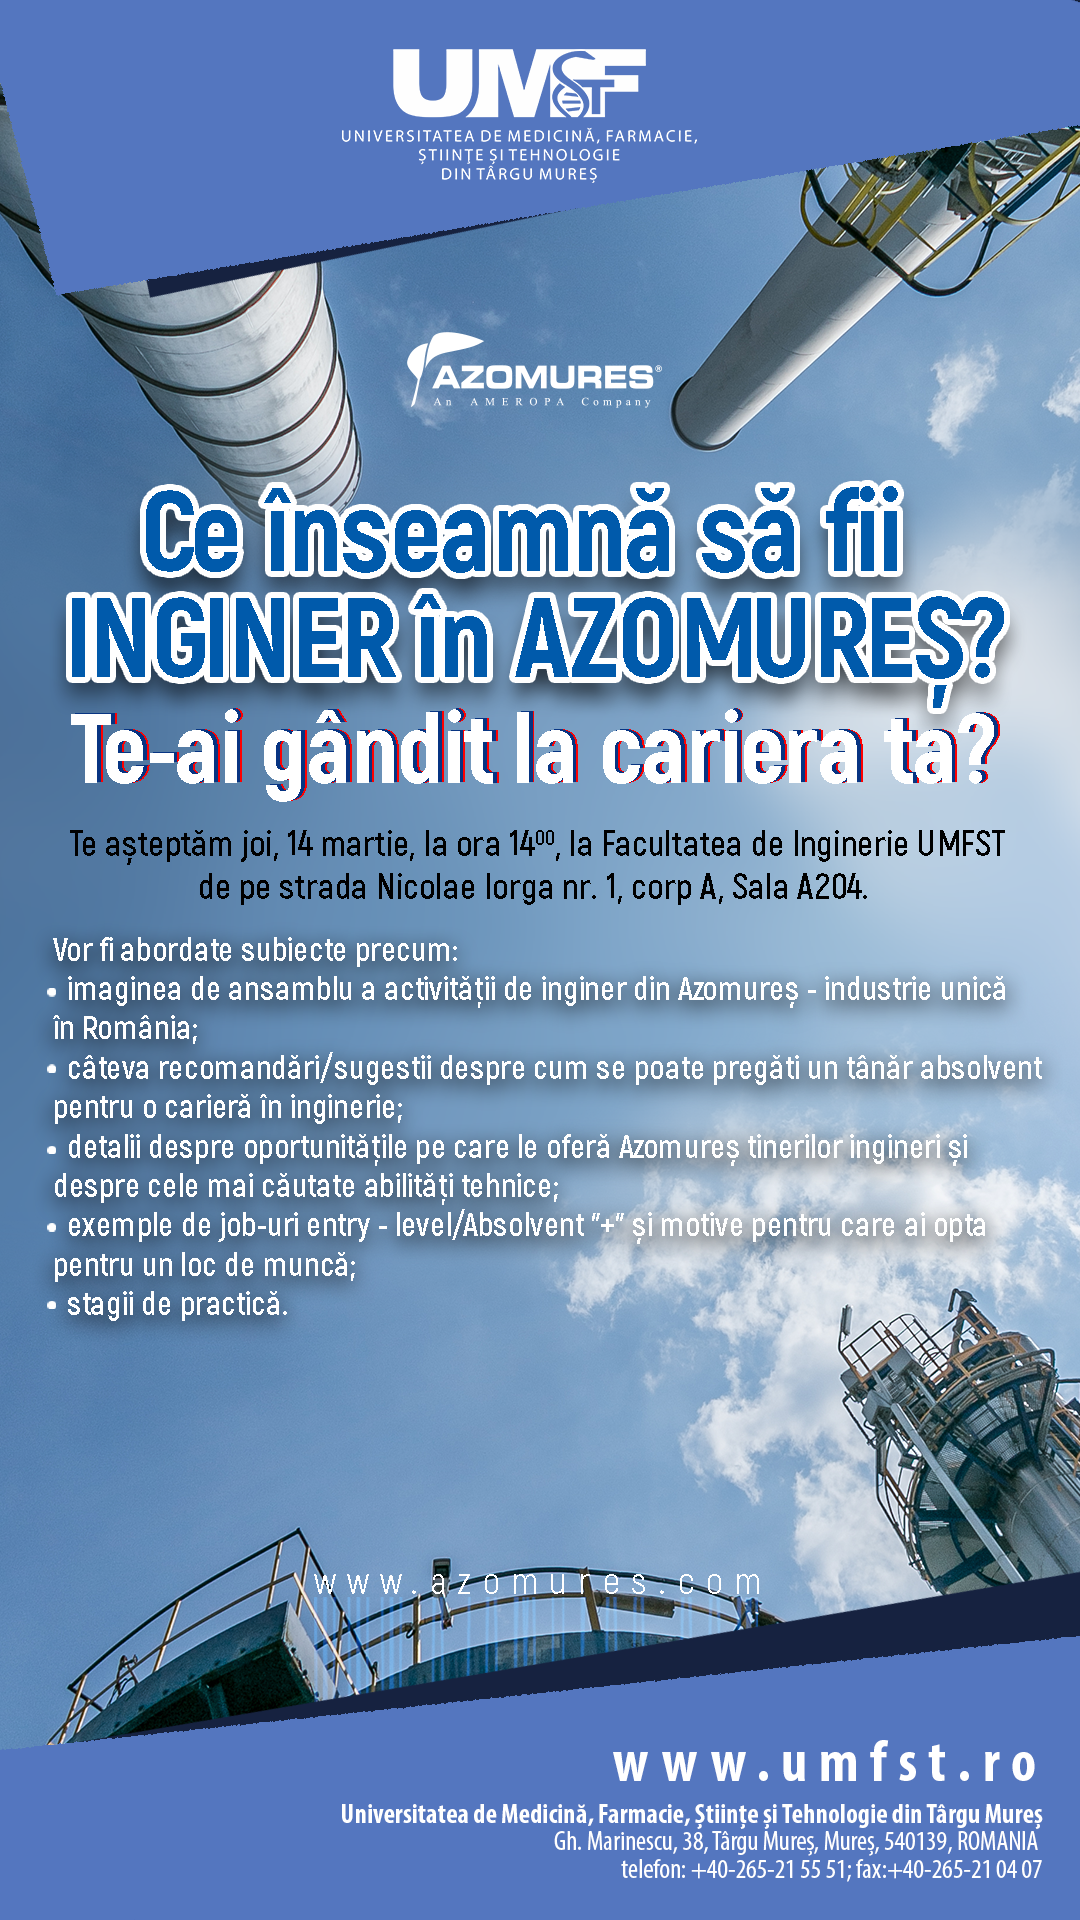 Ce înseamnă să fii inginer în Azomureș? Te-ai gândit la cariera ta?